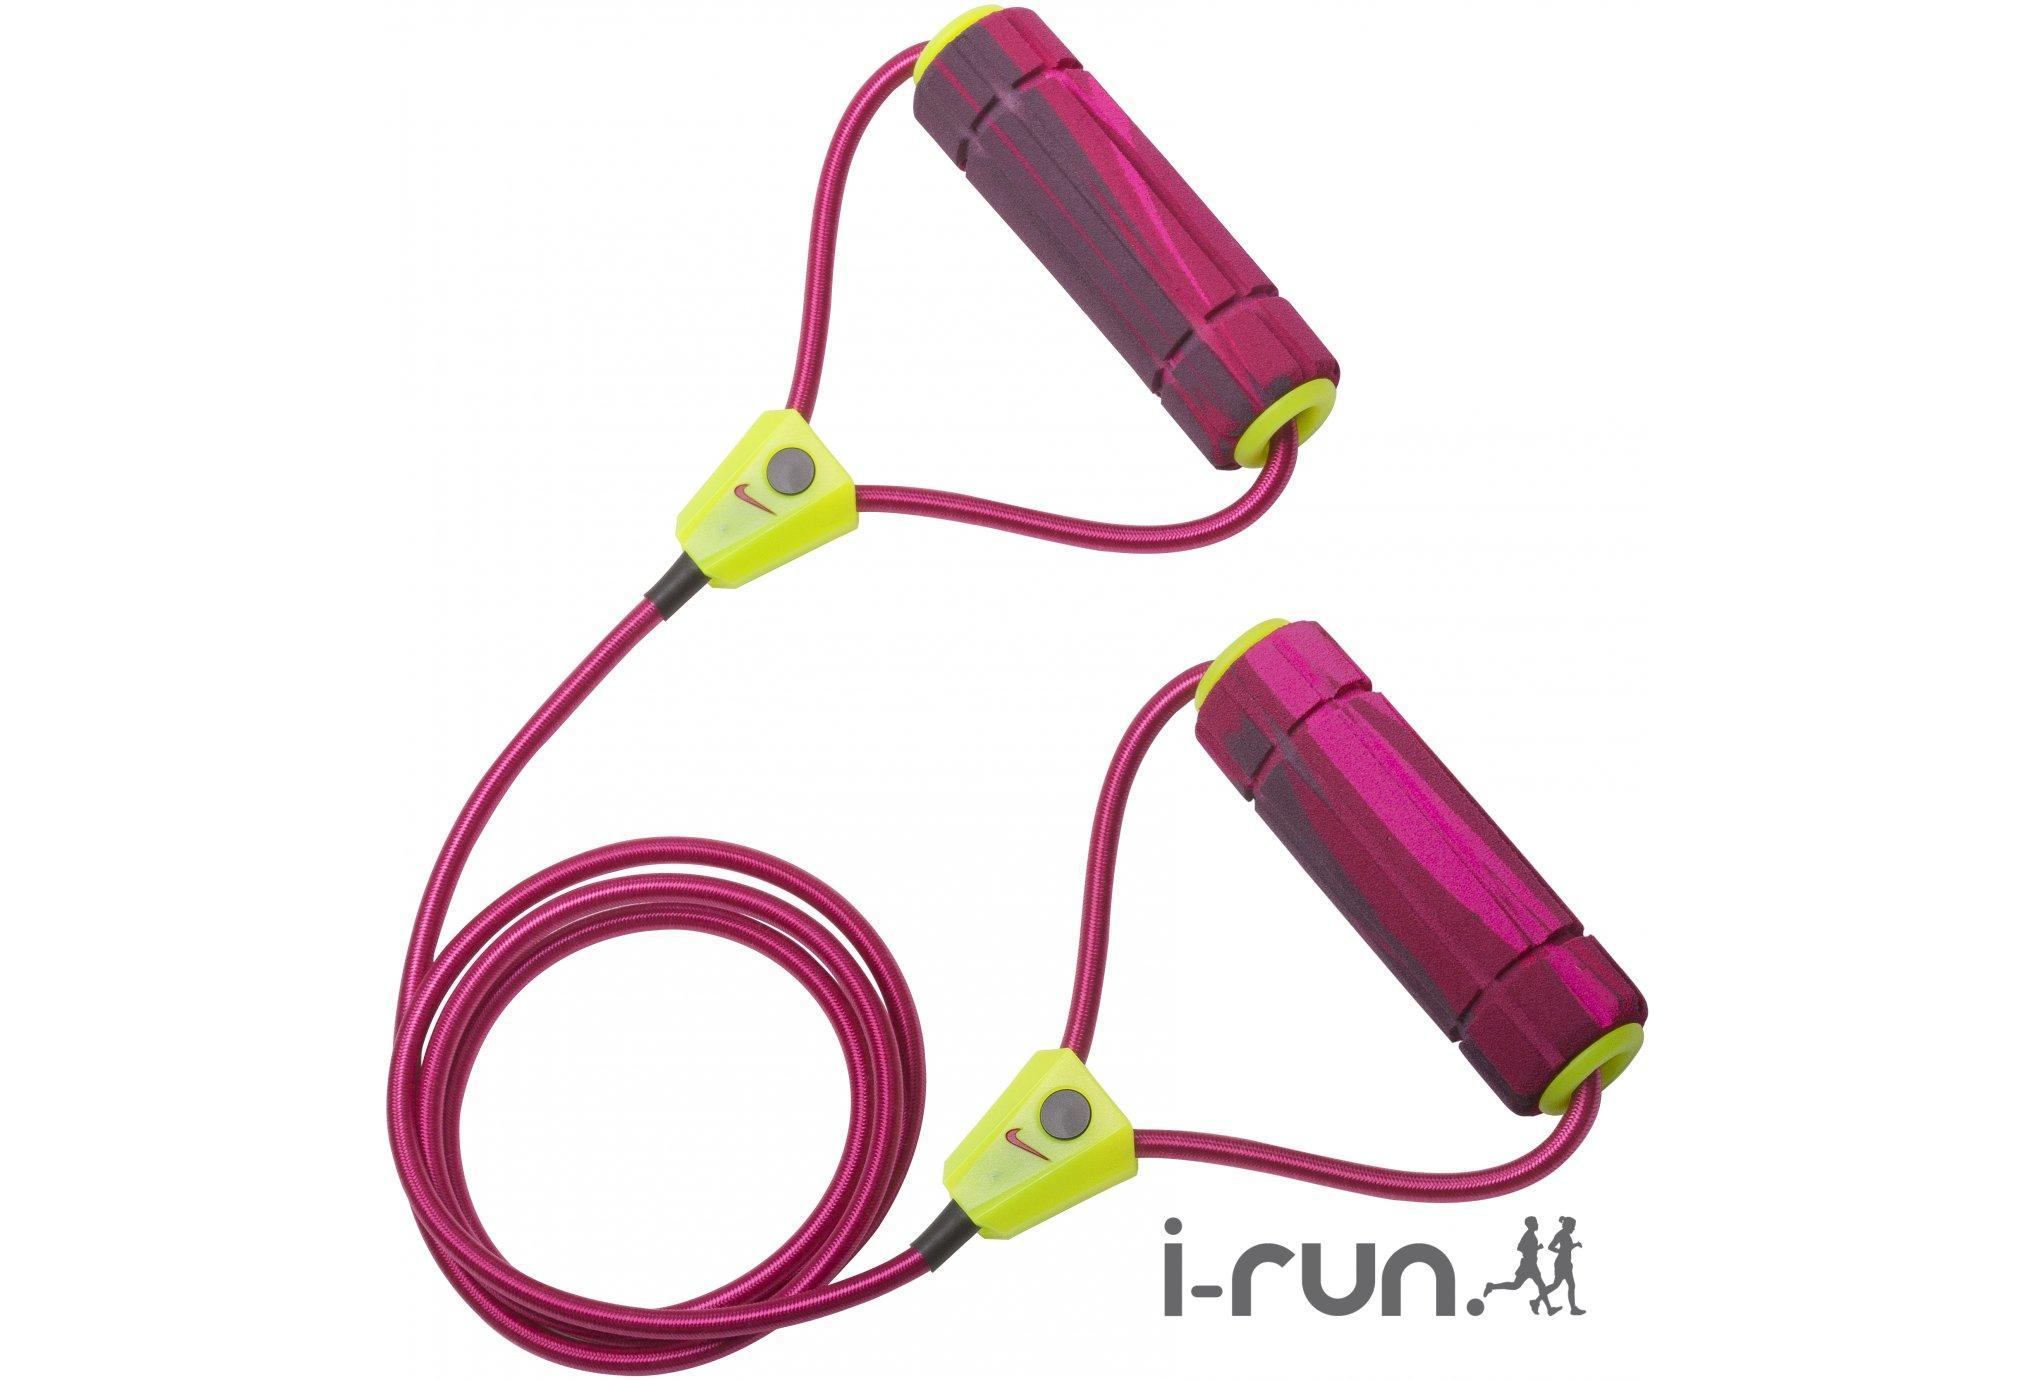 Nike bande de musculation r sistance moyenne 2 0 pas cher destockage nike r - Avis destockage fitness ...